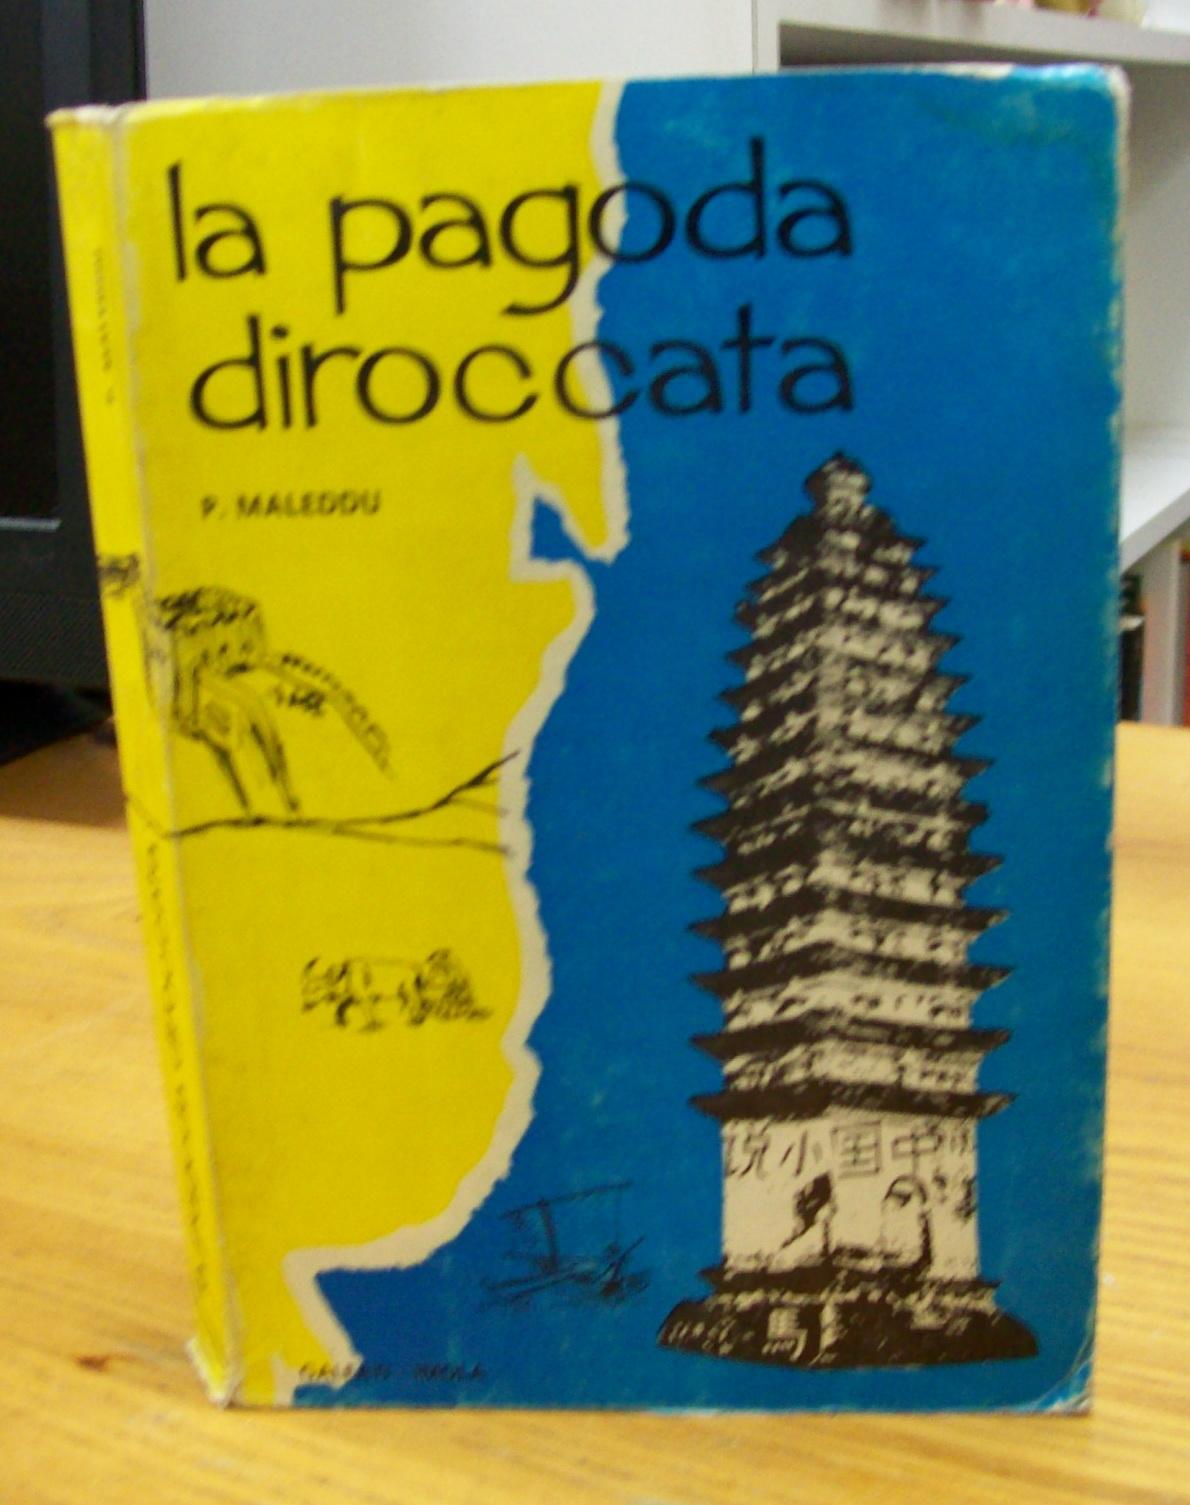 La pagoda diroccata